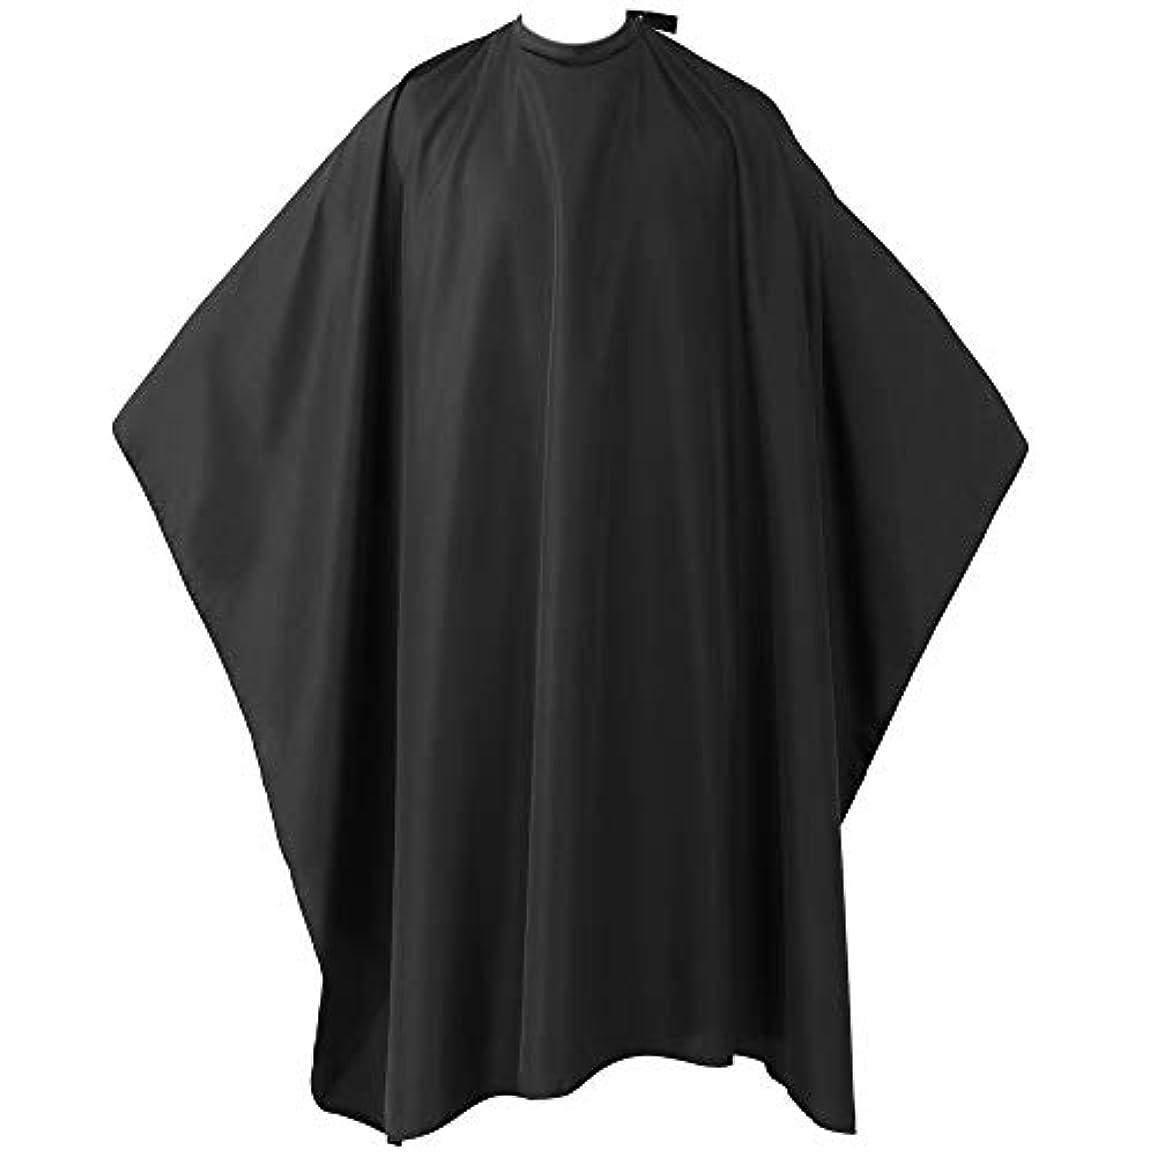 ホイットニー熟した爵ヘアーエプロン 散髪マント 散髪ケープ ファミリー理髪 折りたたみ式 防水加工 ヘアスタイリングツール (ブラック)